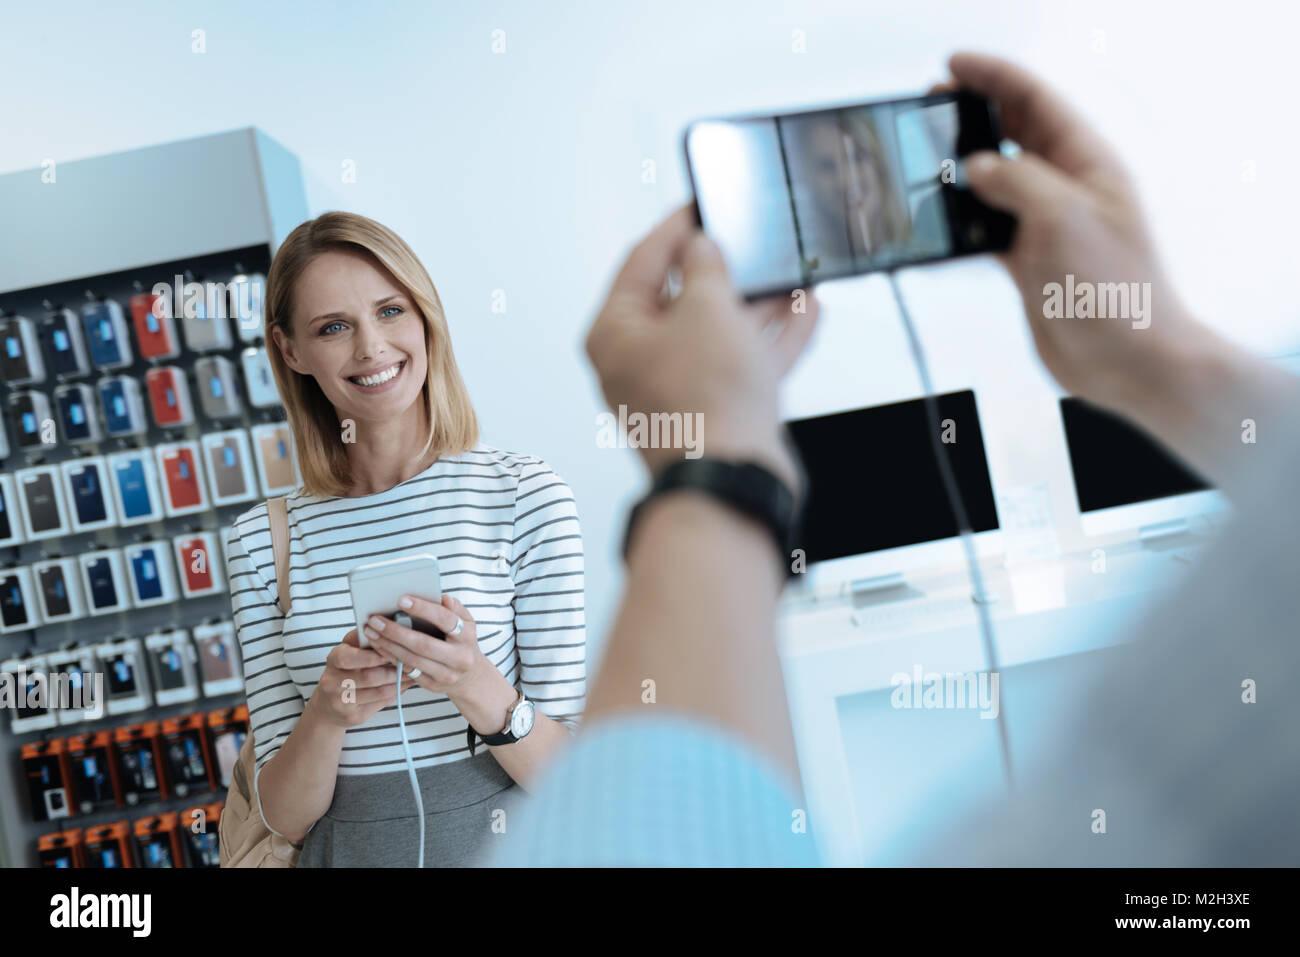 Impresionante rubia demostrando su sonrisa Imagen De Stock